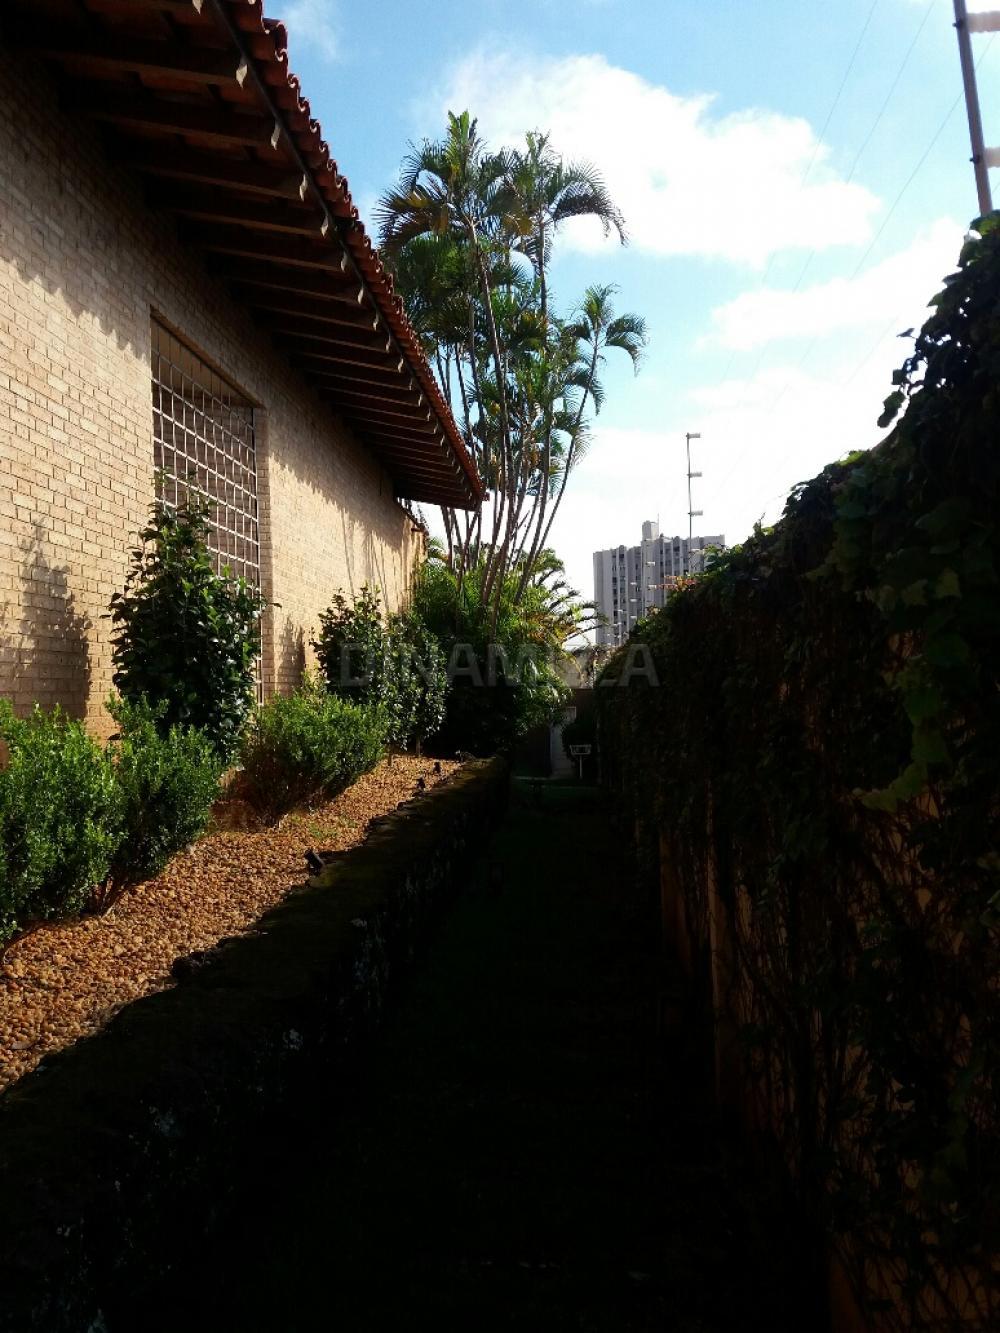 Comprar Casa / Padrão em Condomínio em Uberaba R$ 1.650.000,00 - Foto 3